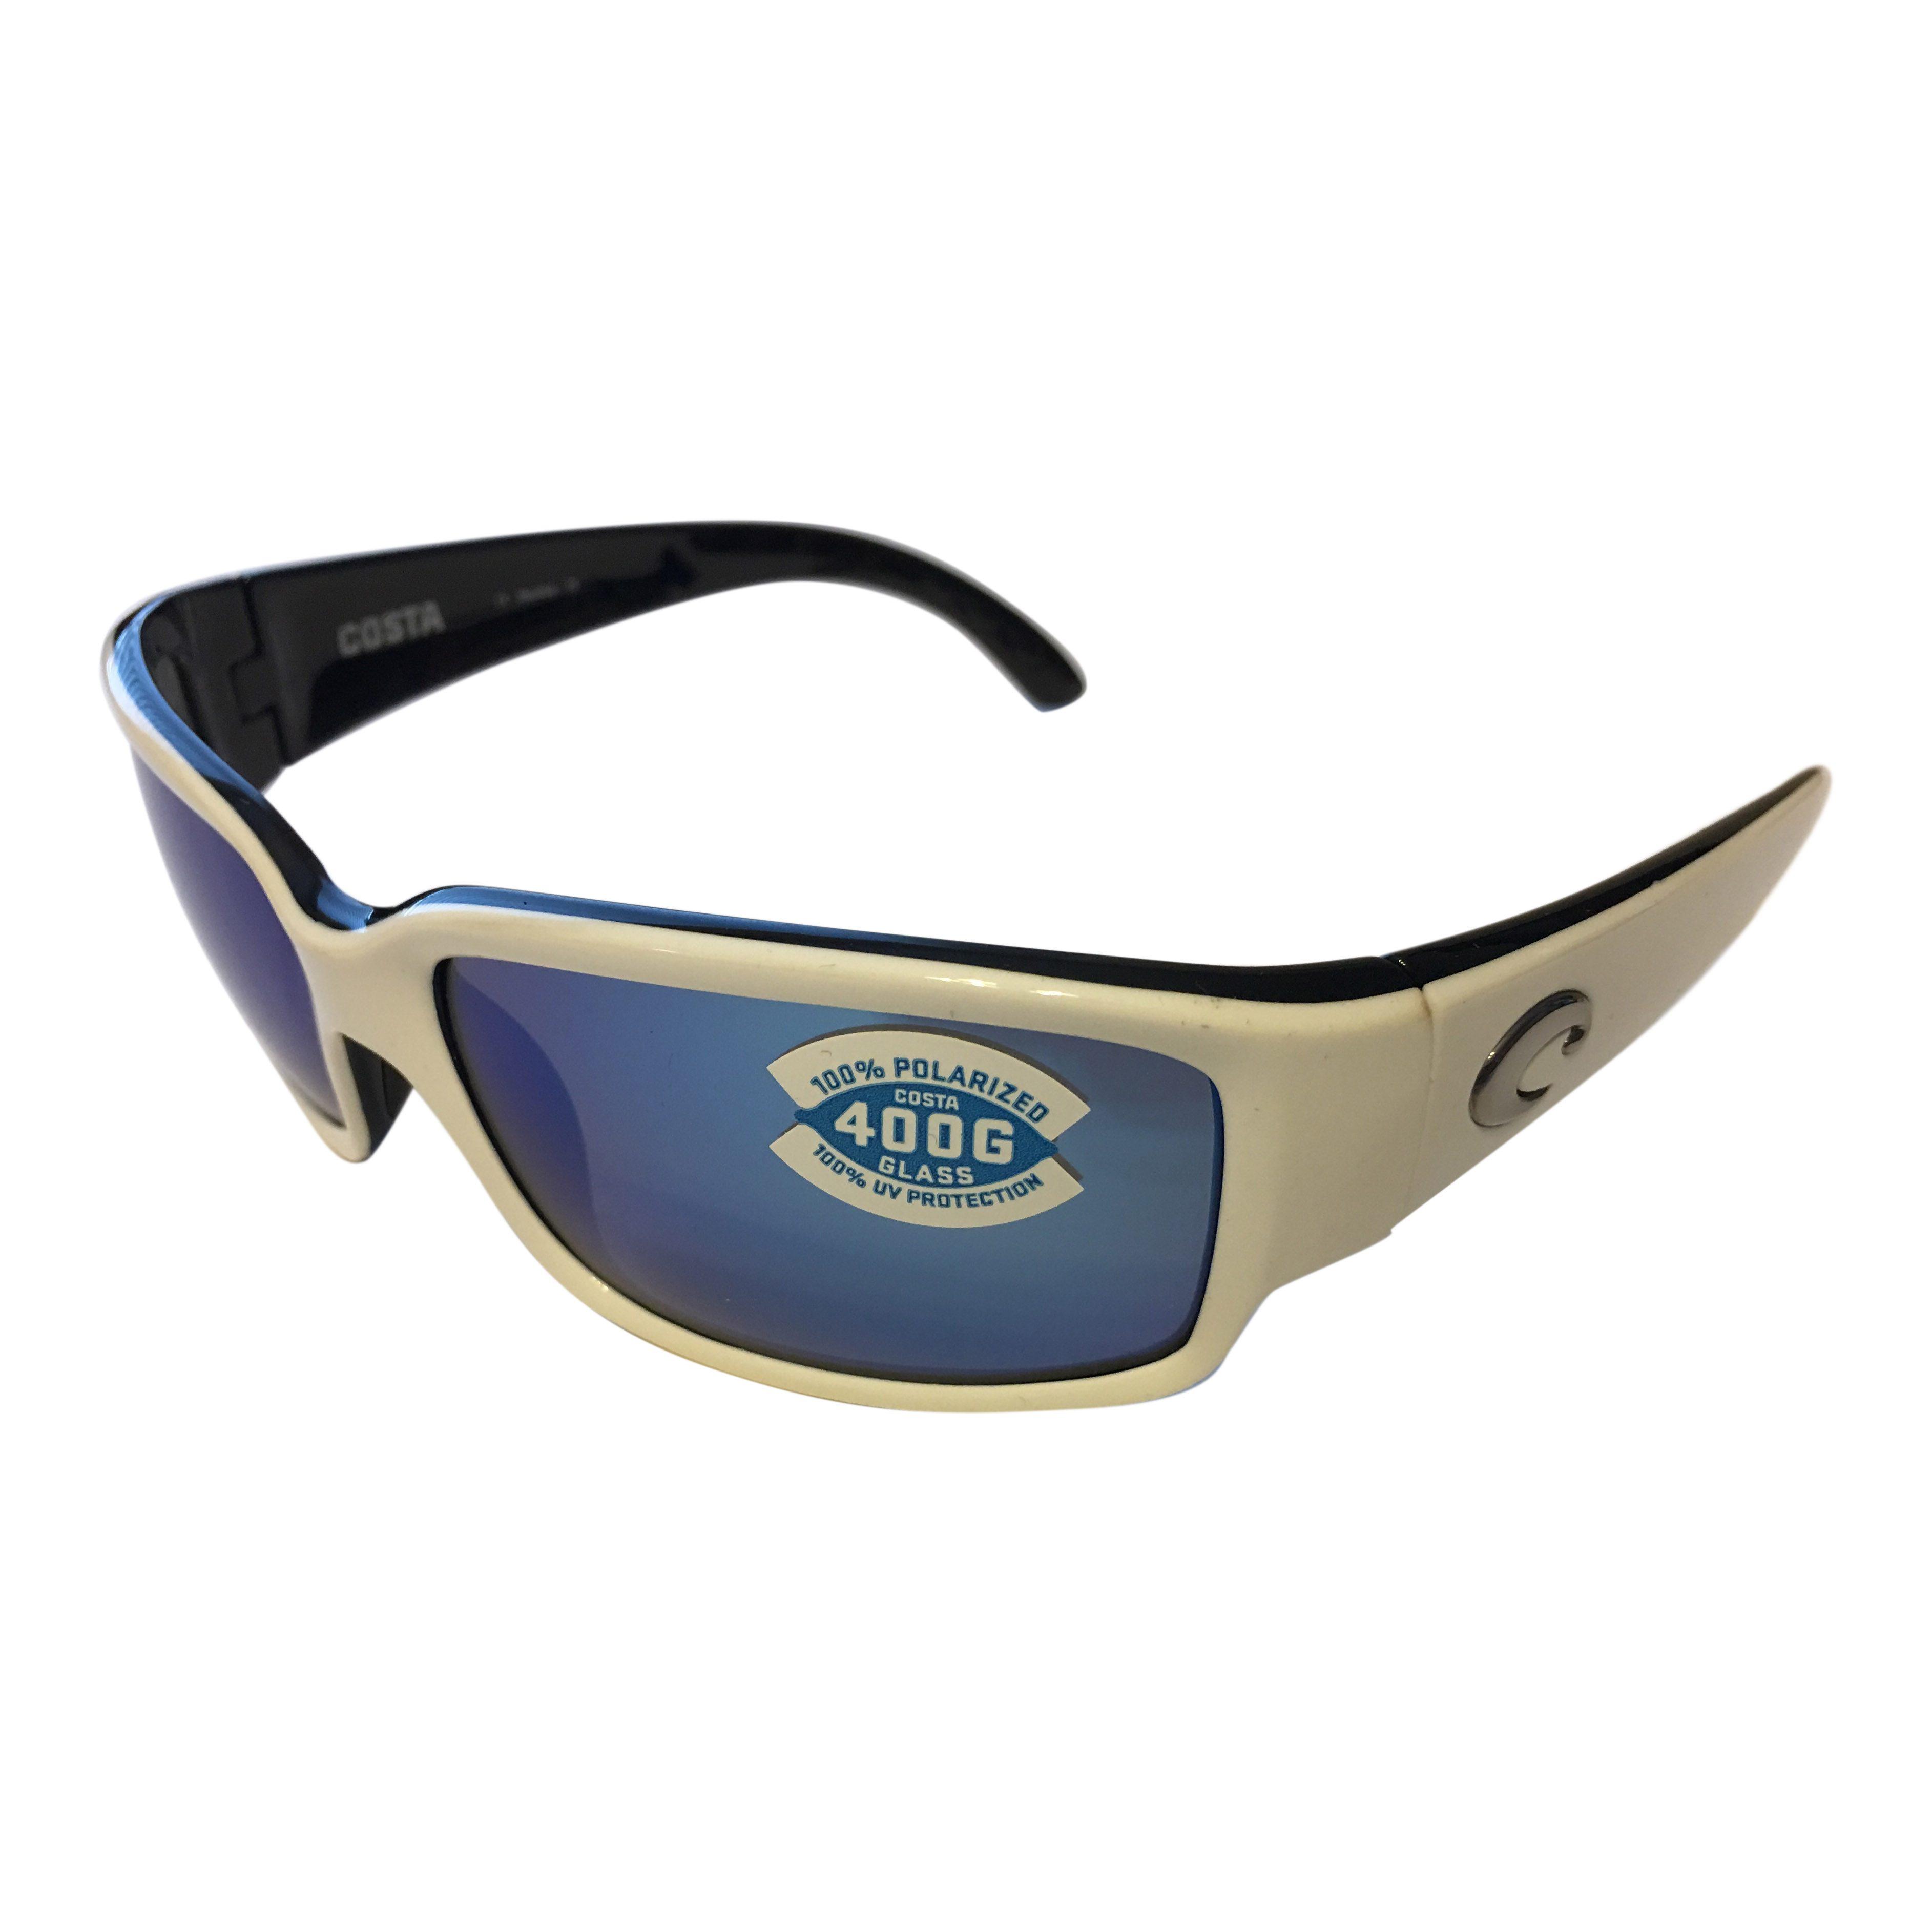 7727055c3677 Costa Del Mar Caballito Sunglasses – Black & White – Polarized Blue Mirror  400G